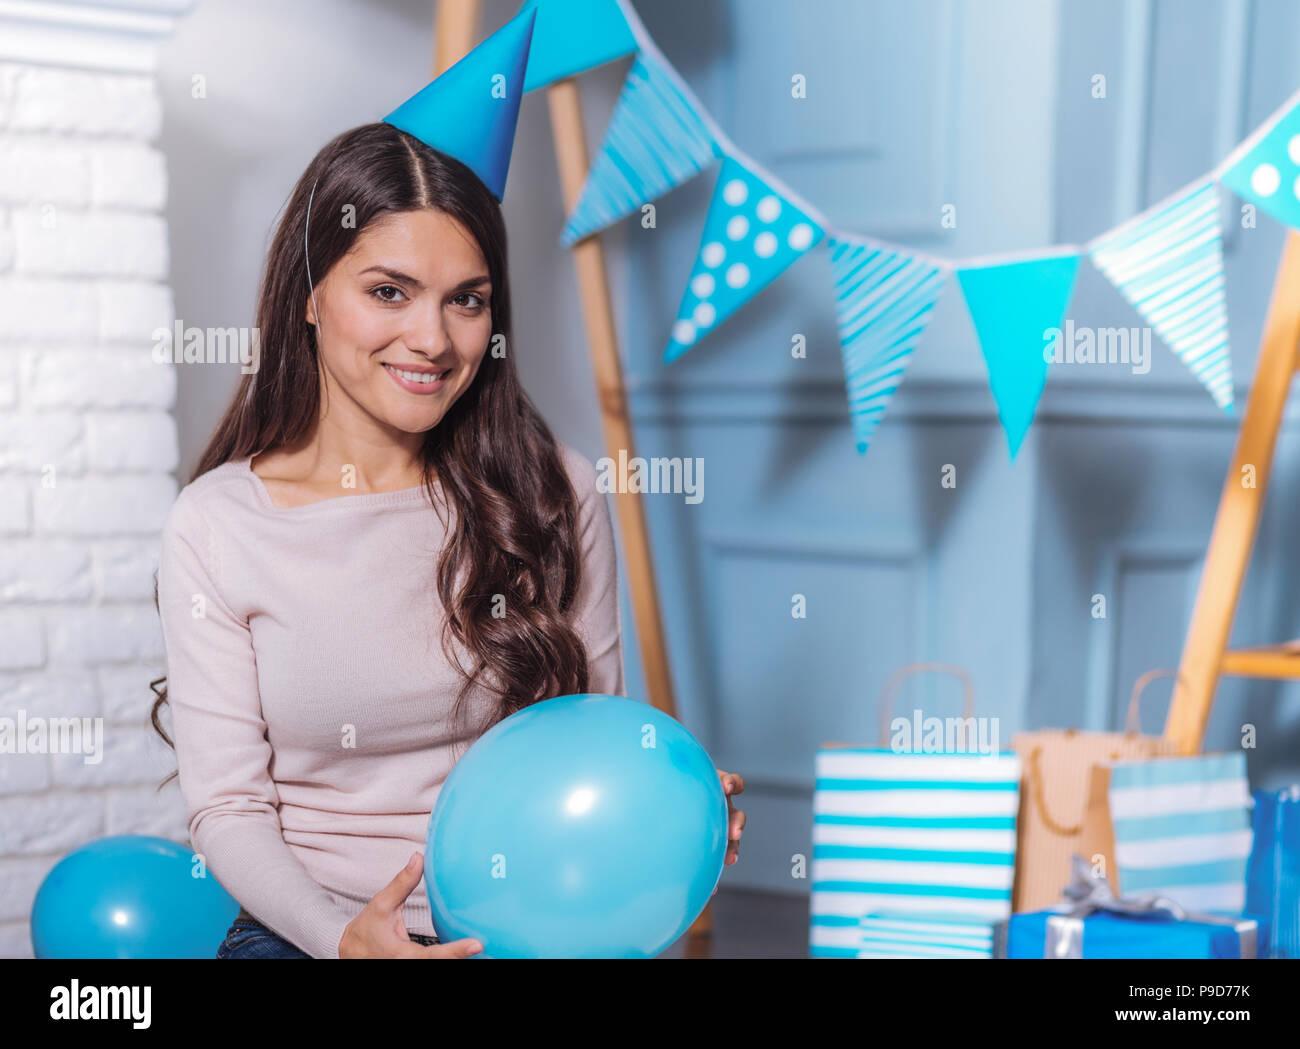 Fröhliches Mädchen in Geburtstagsfeier Stockbild